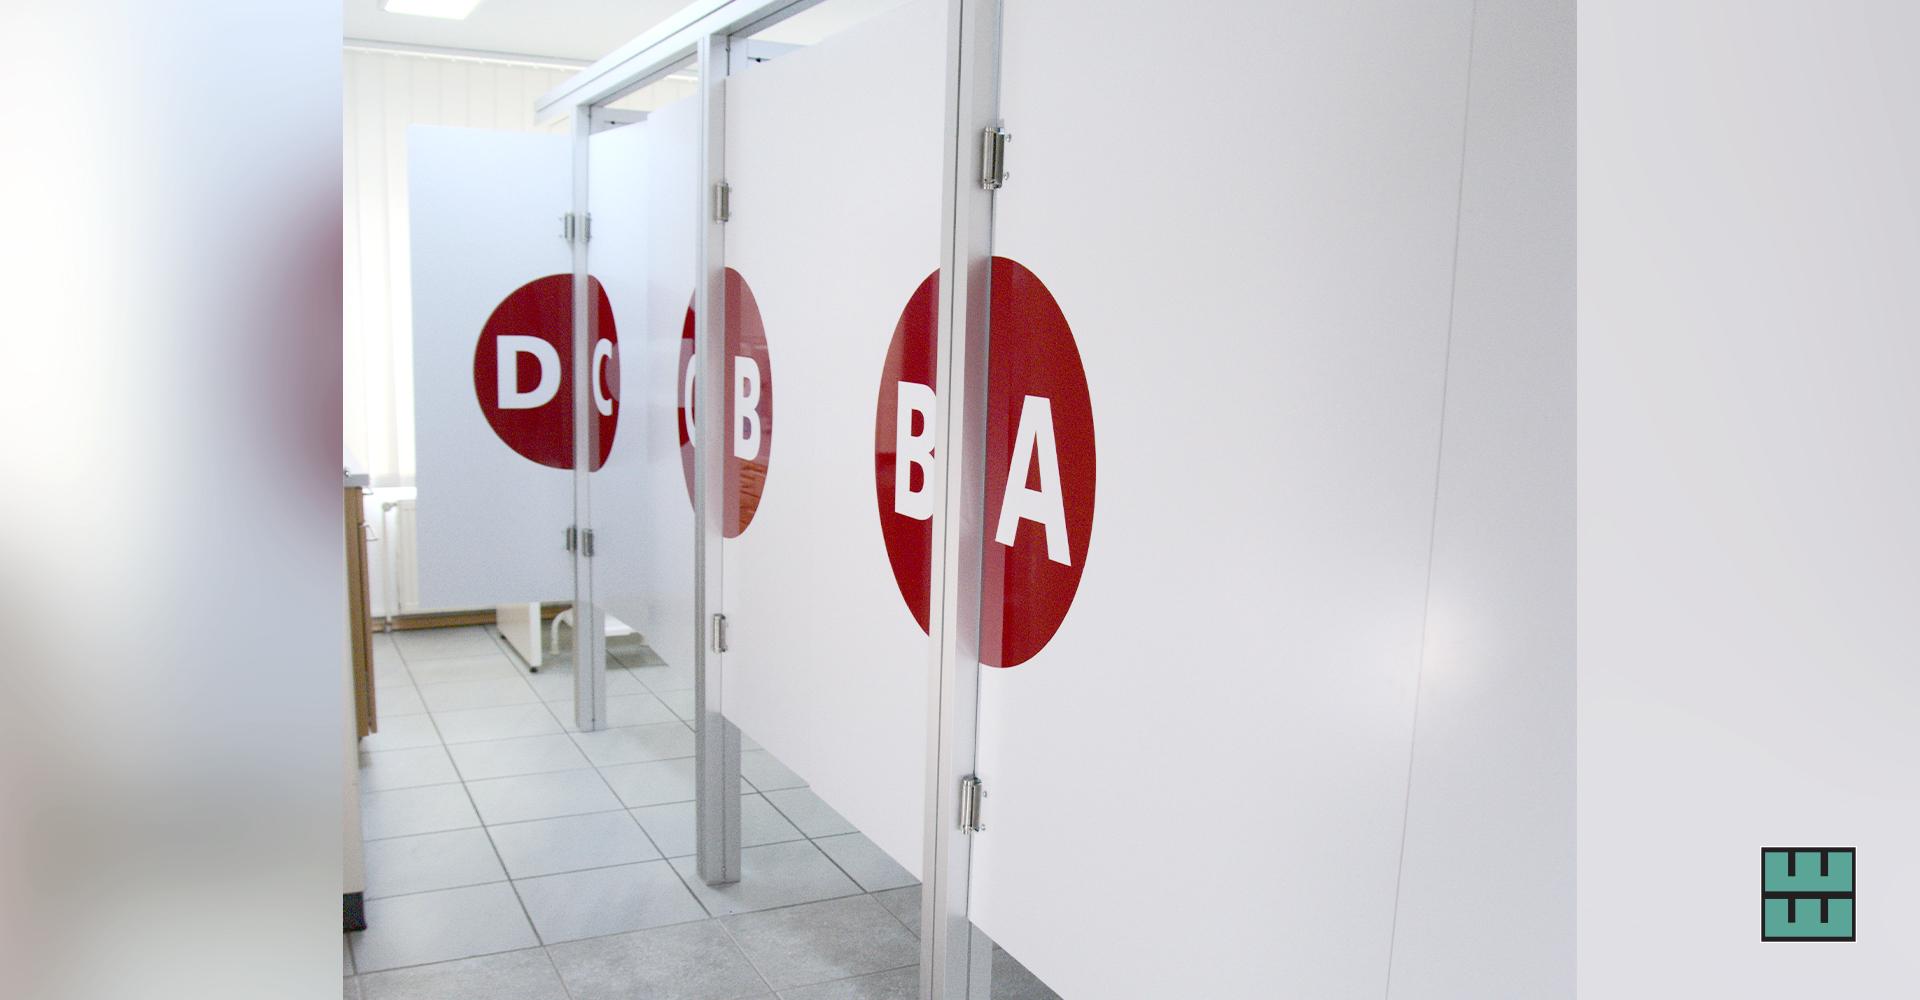 Neue Kabinen / Wände für die Orthopädie Praxis von Dr. Grasemann in Alfeld: Beschriftung, Planung und den Einbau der Wände haben wir übernommen!